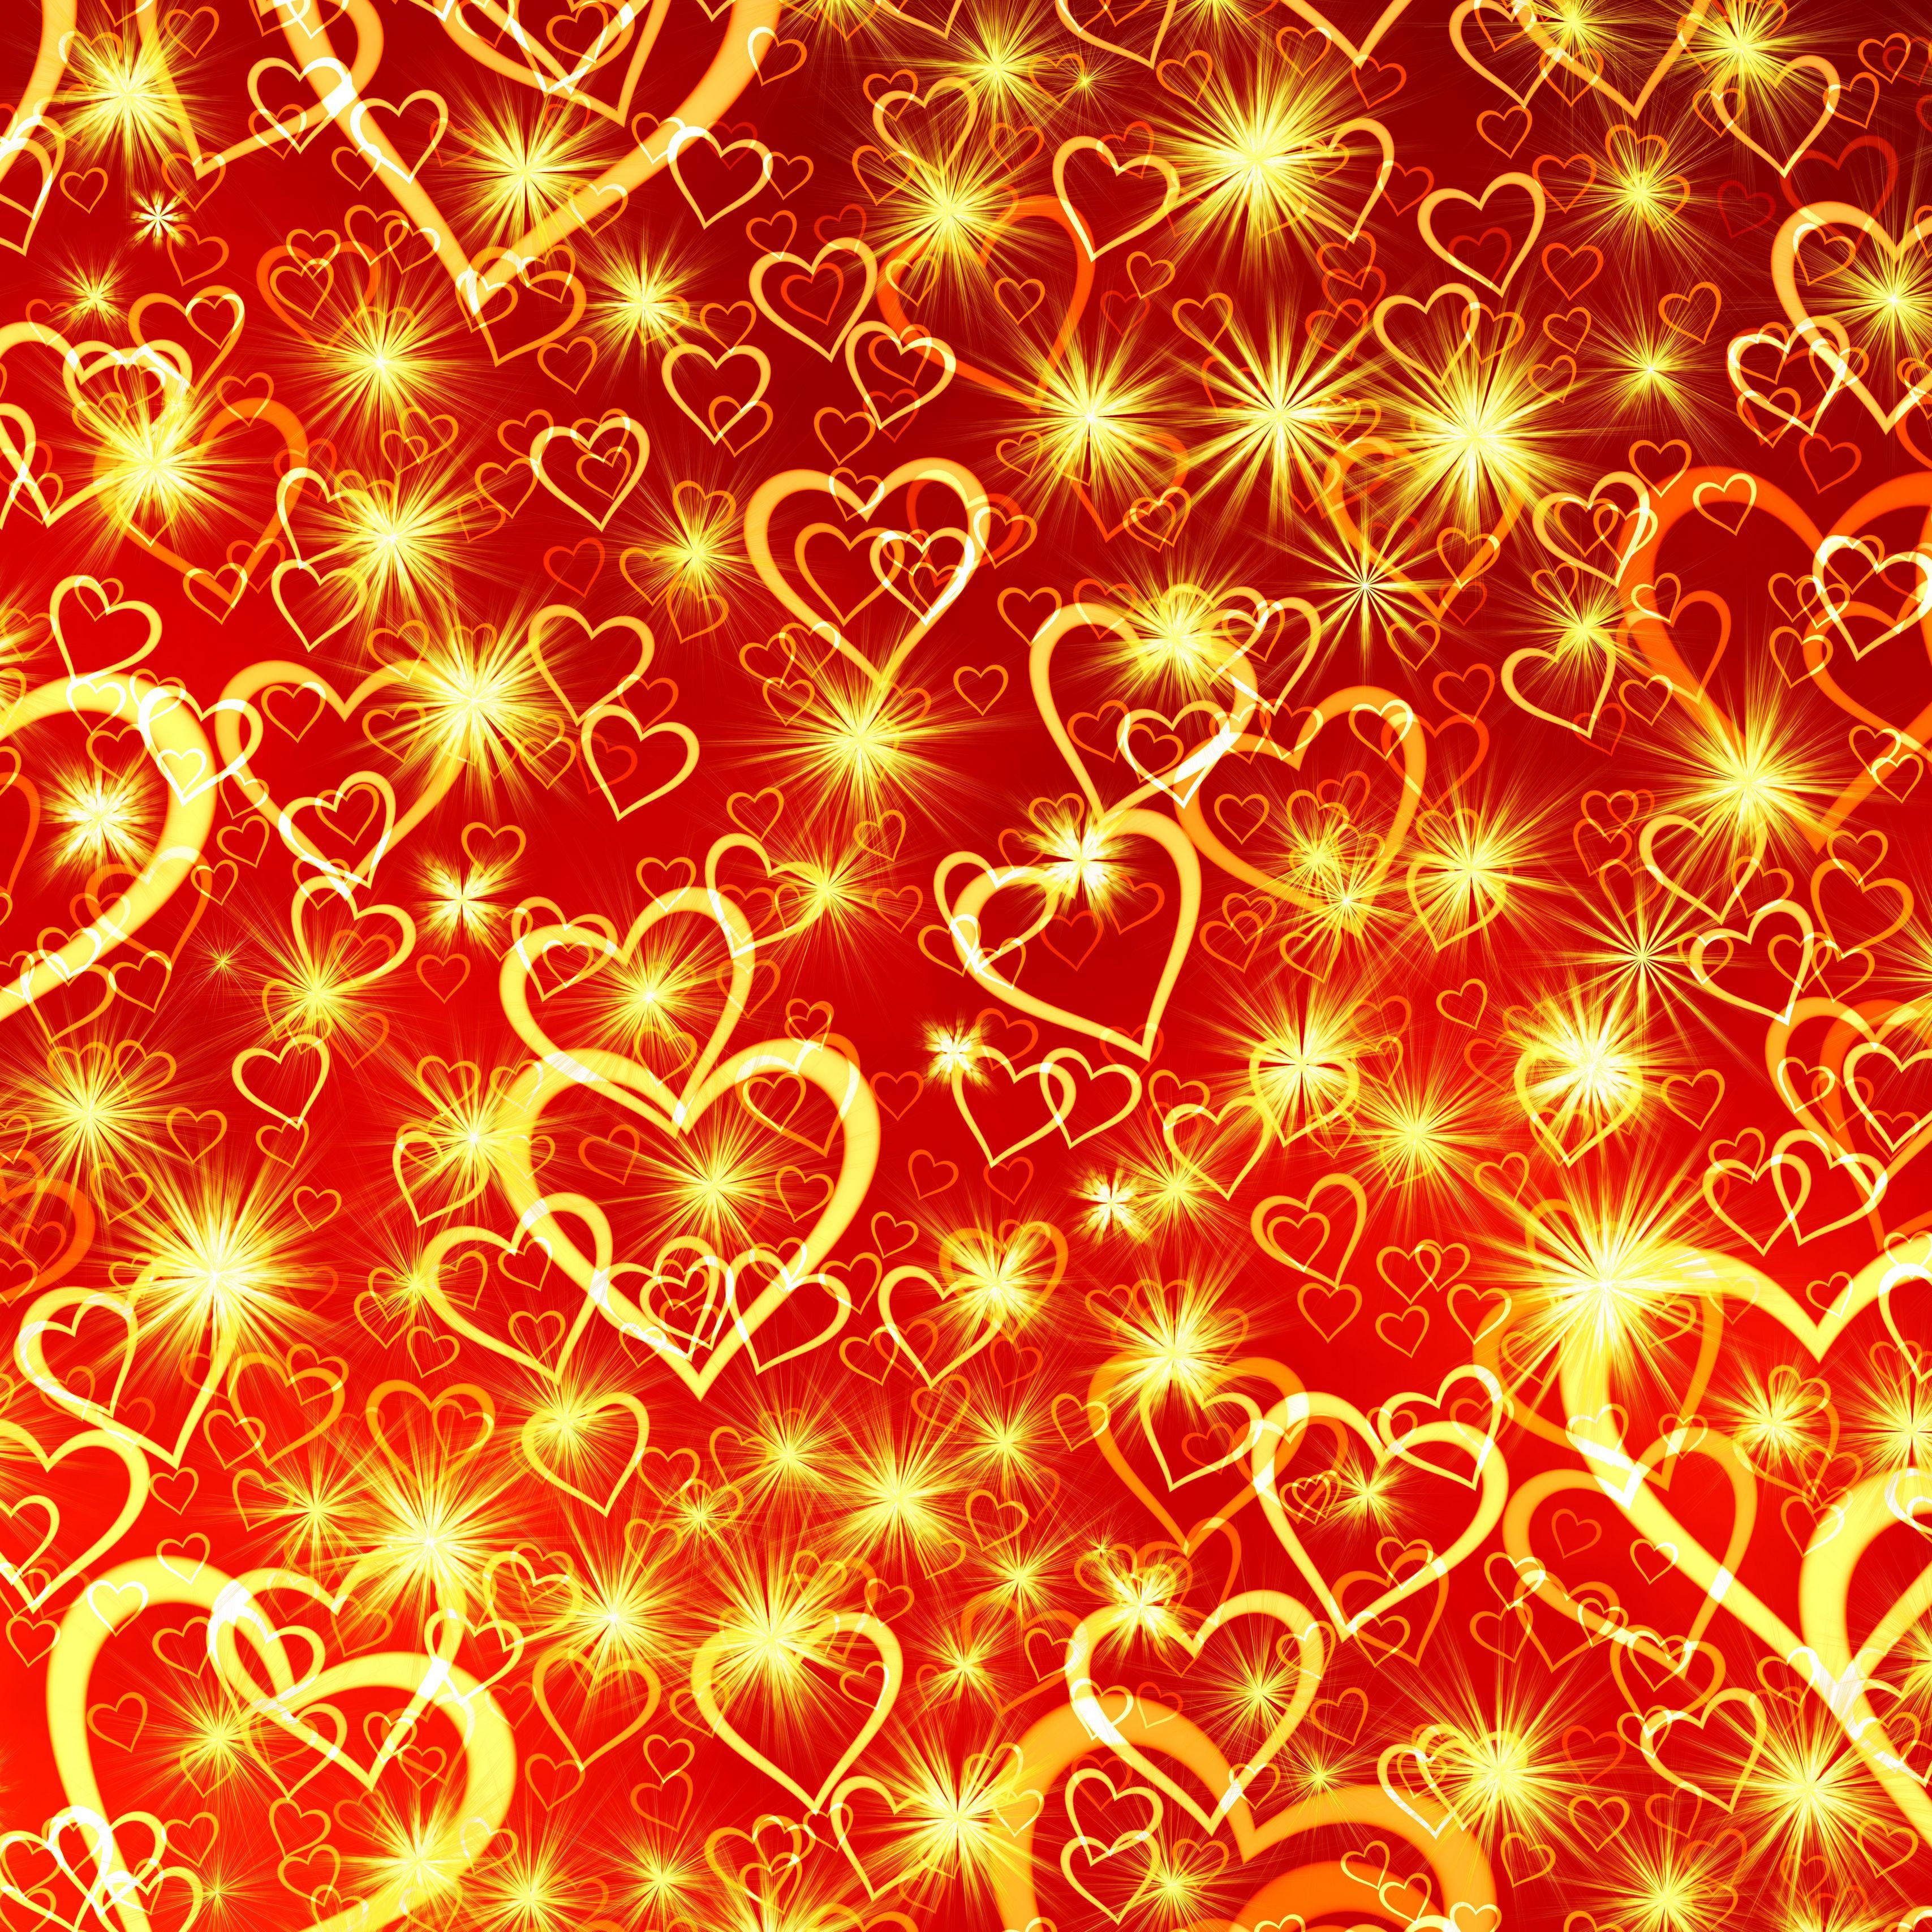 3415x3415 Wallpaper heart, art, shine